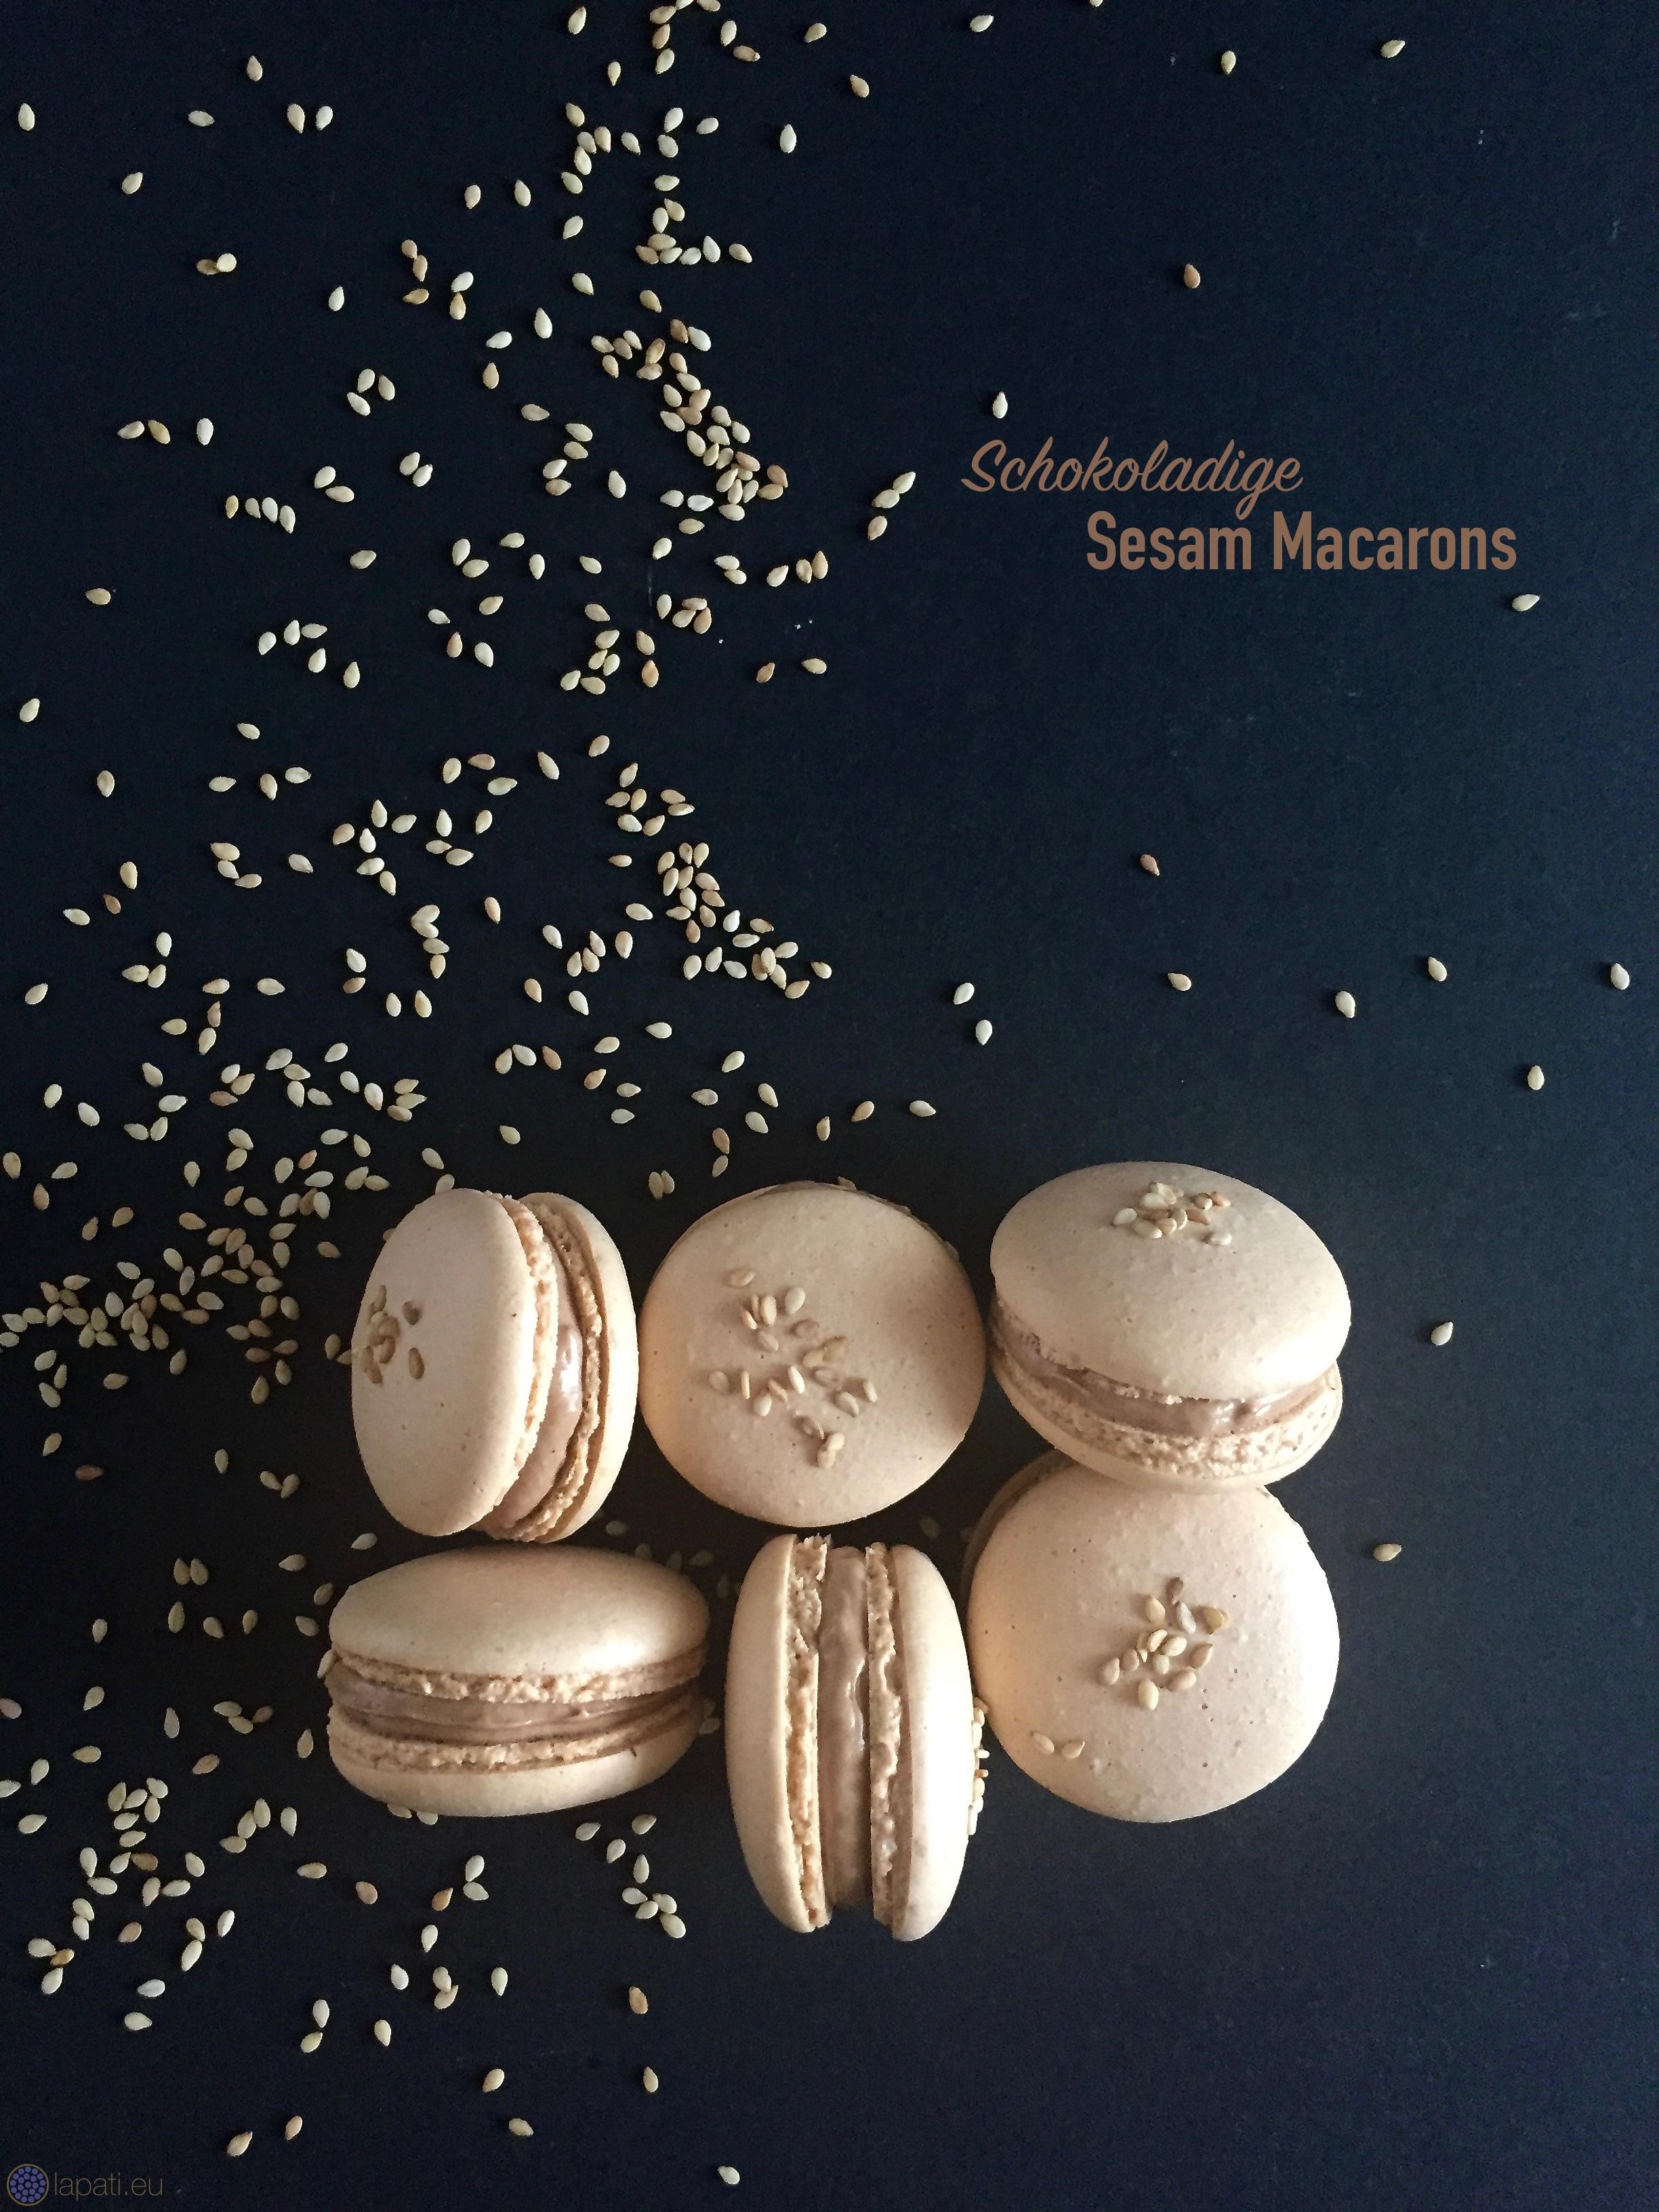 Feine Sesam-Macarons: Die Kombination von Schokolade und Sesam ist einfach super.